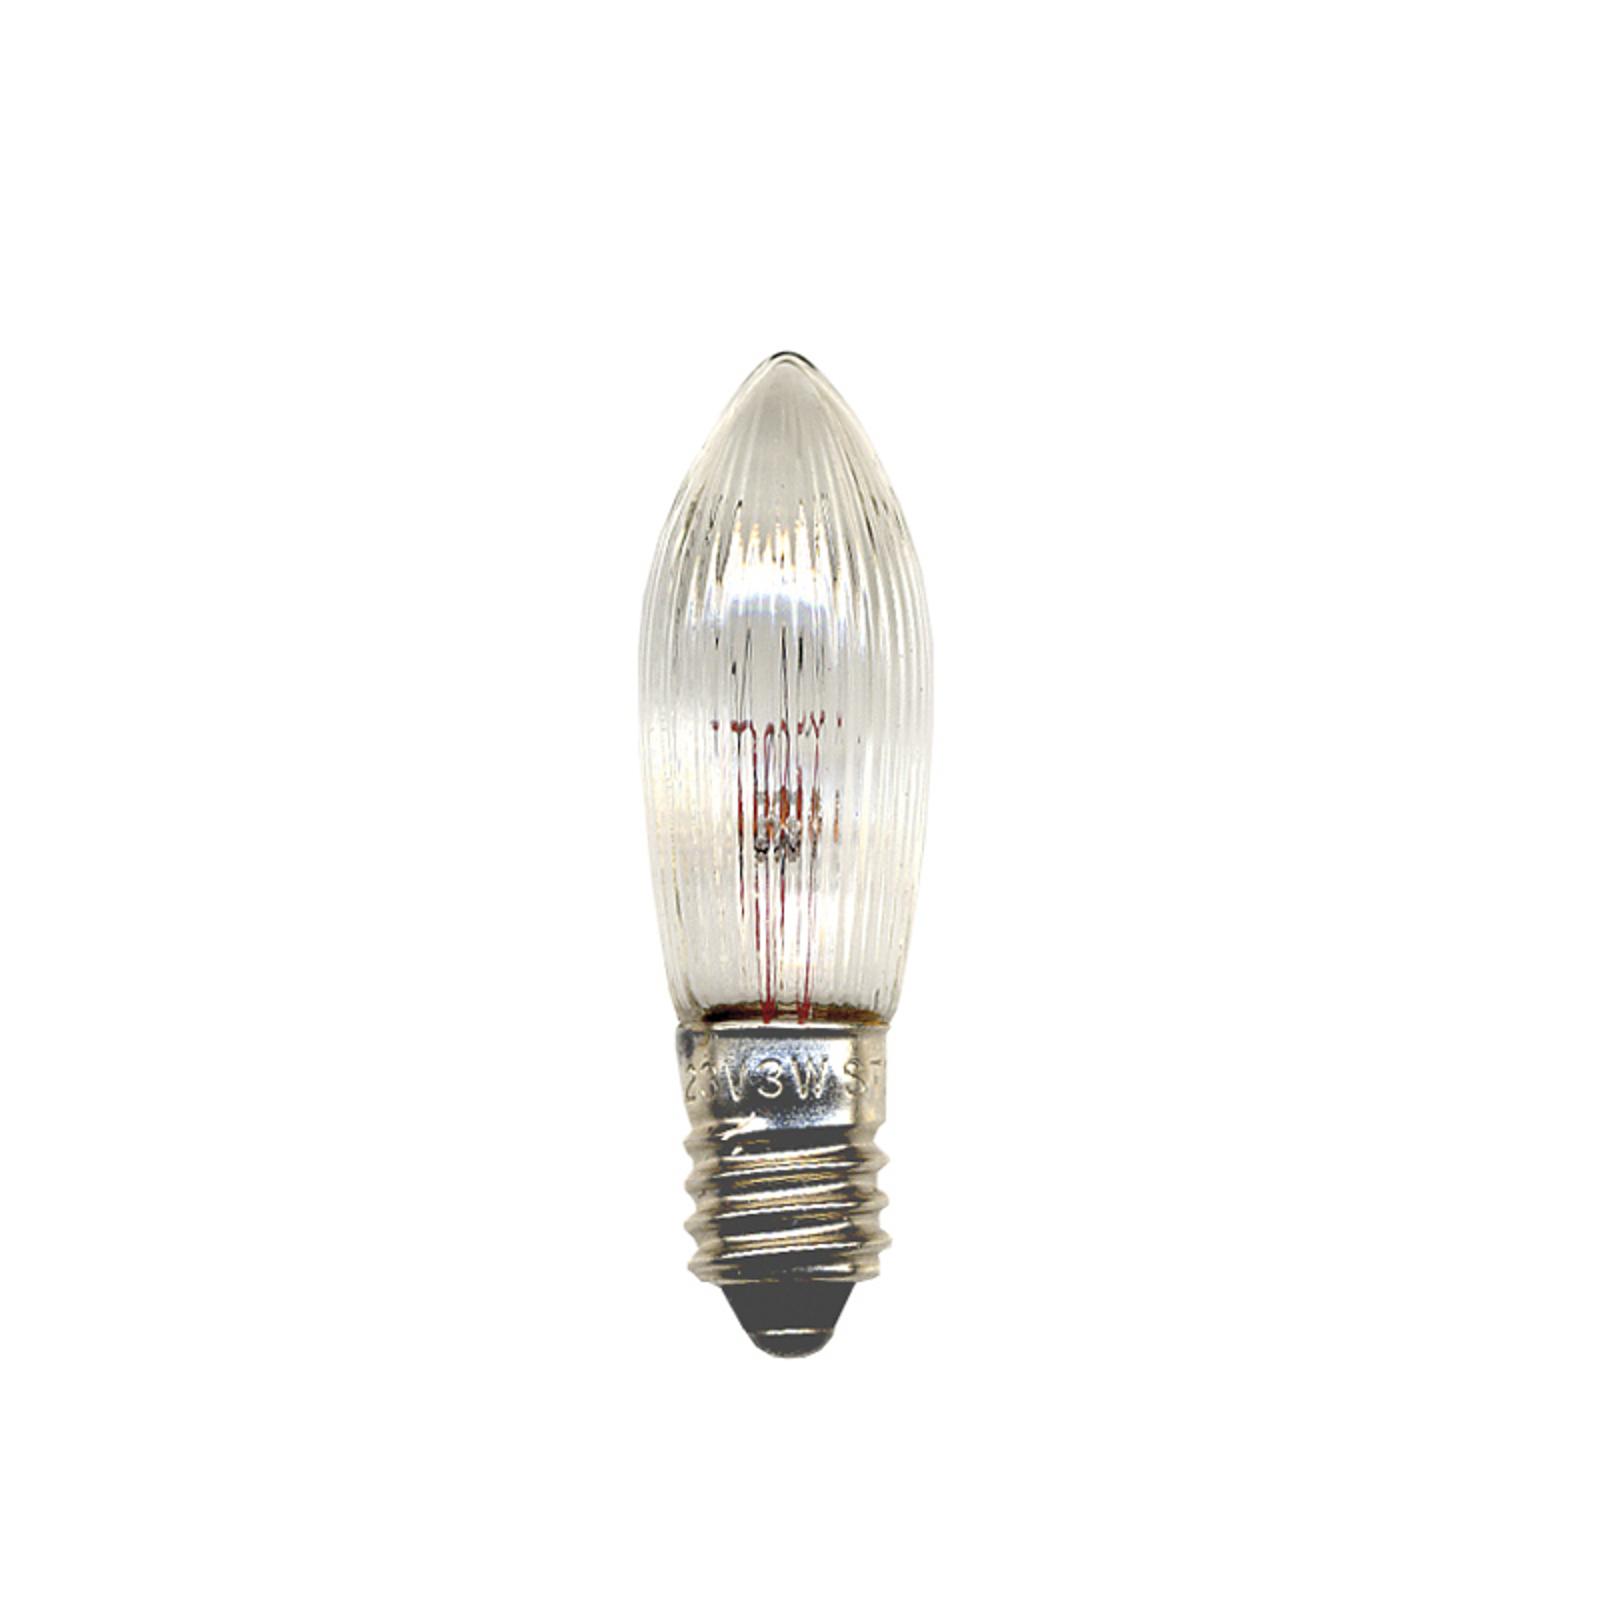 E10 2,4W 12V náhradná žiarovka 3 kusy tvar sviečky_1522322_1